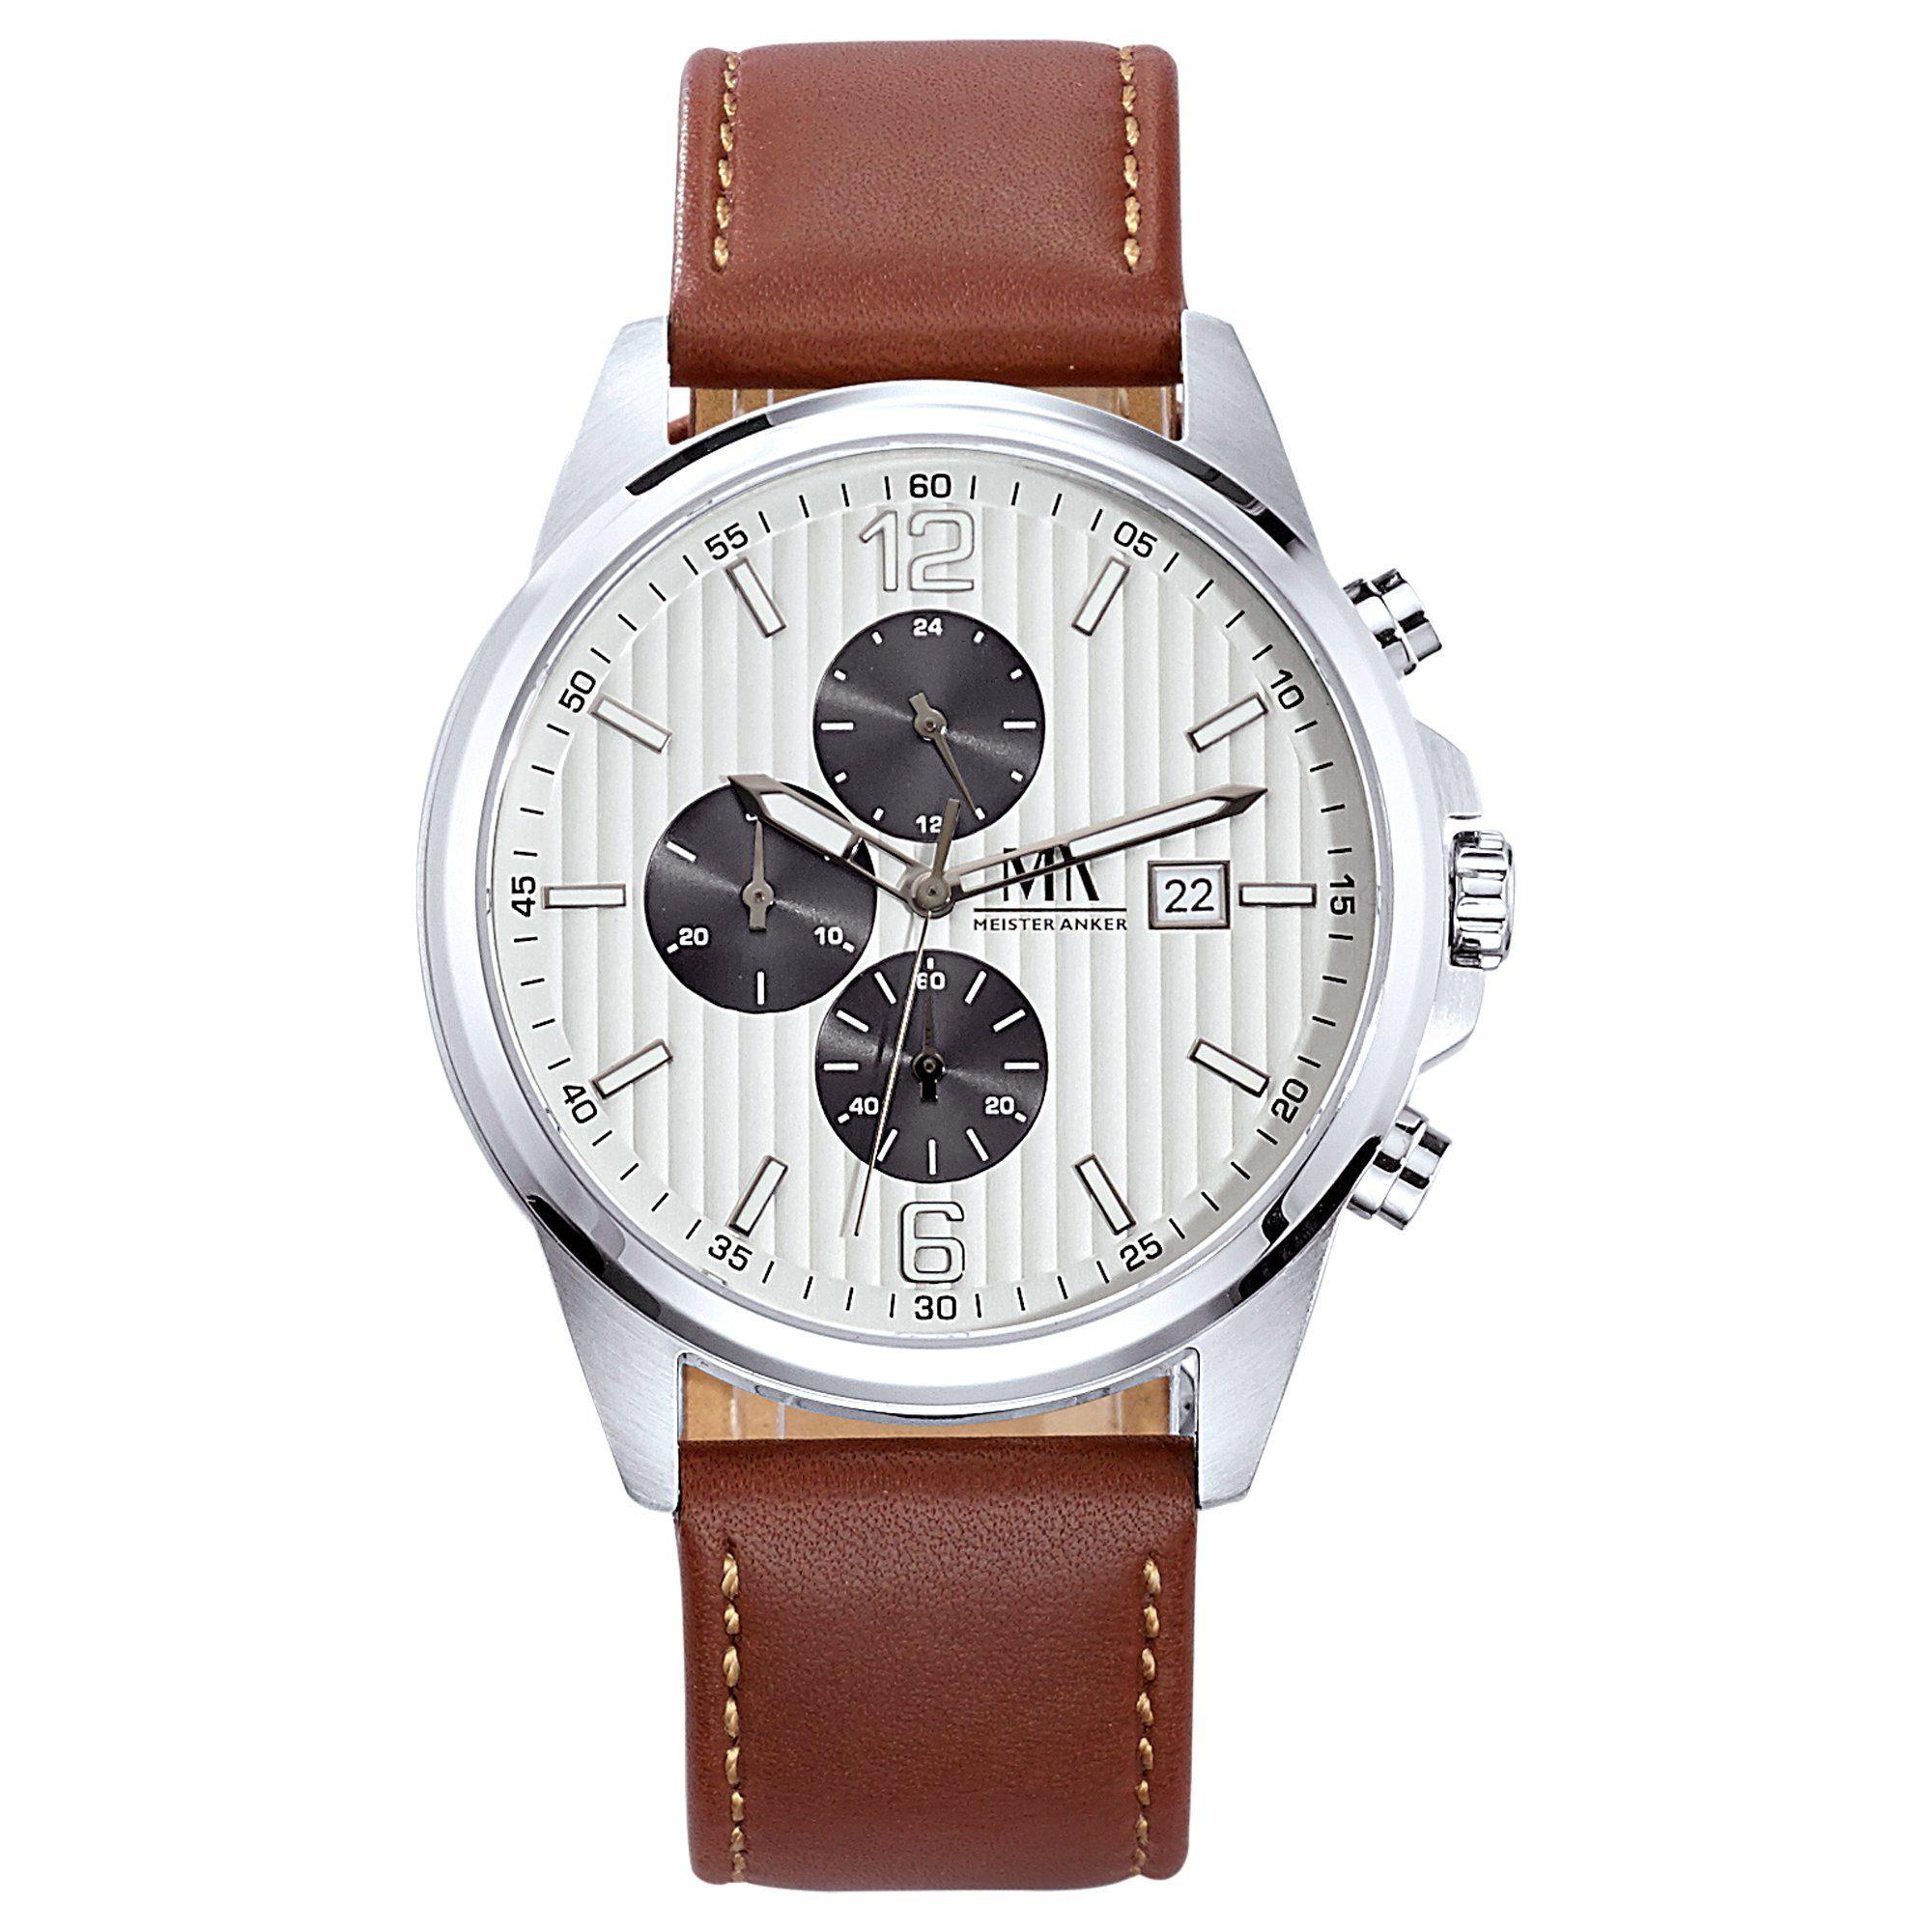 Meister Anker Chronograph »Edelstahl«